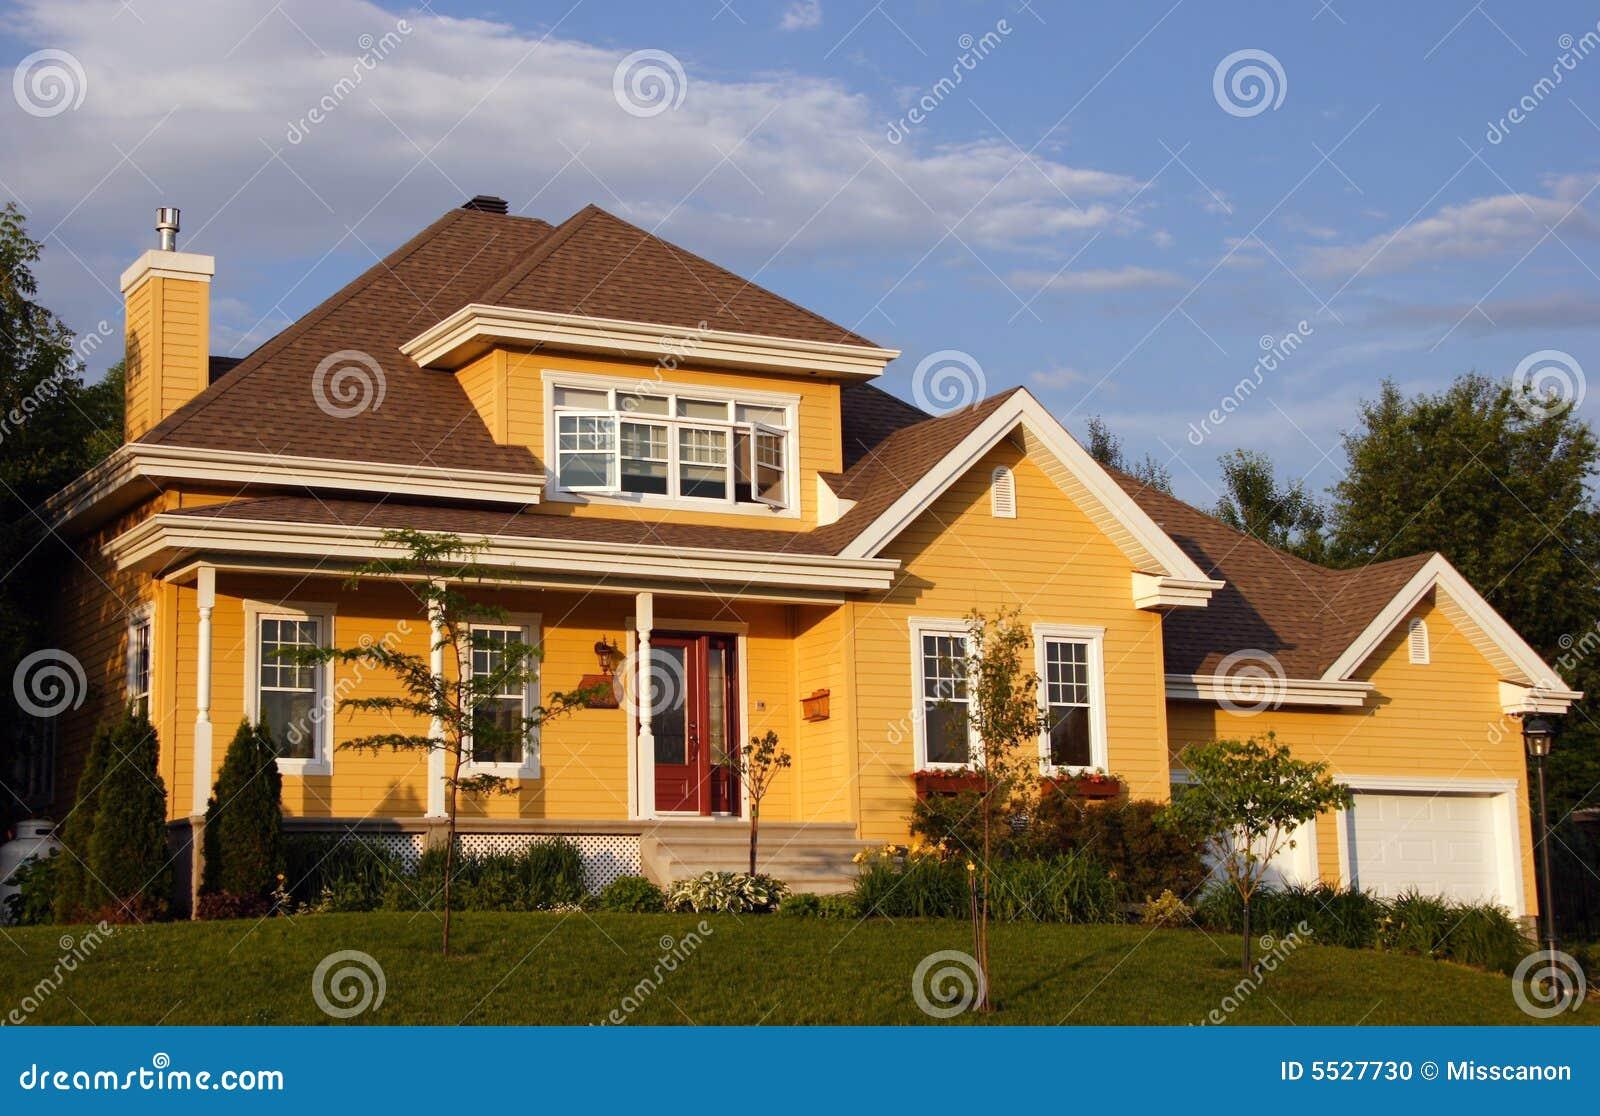 Benjamin Moore Paint Colors 2017 Nueva Casa Amarilla Foto De Archivo Imagen 5527730